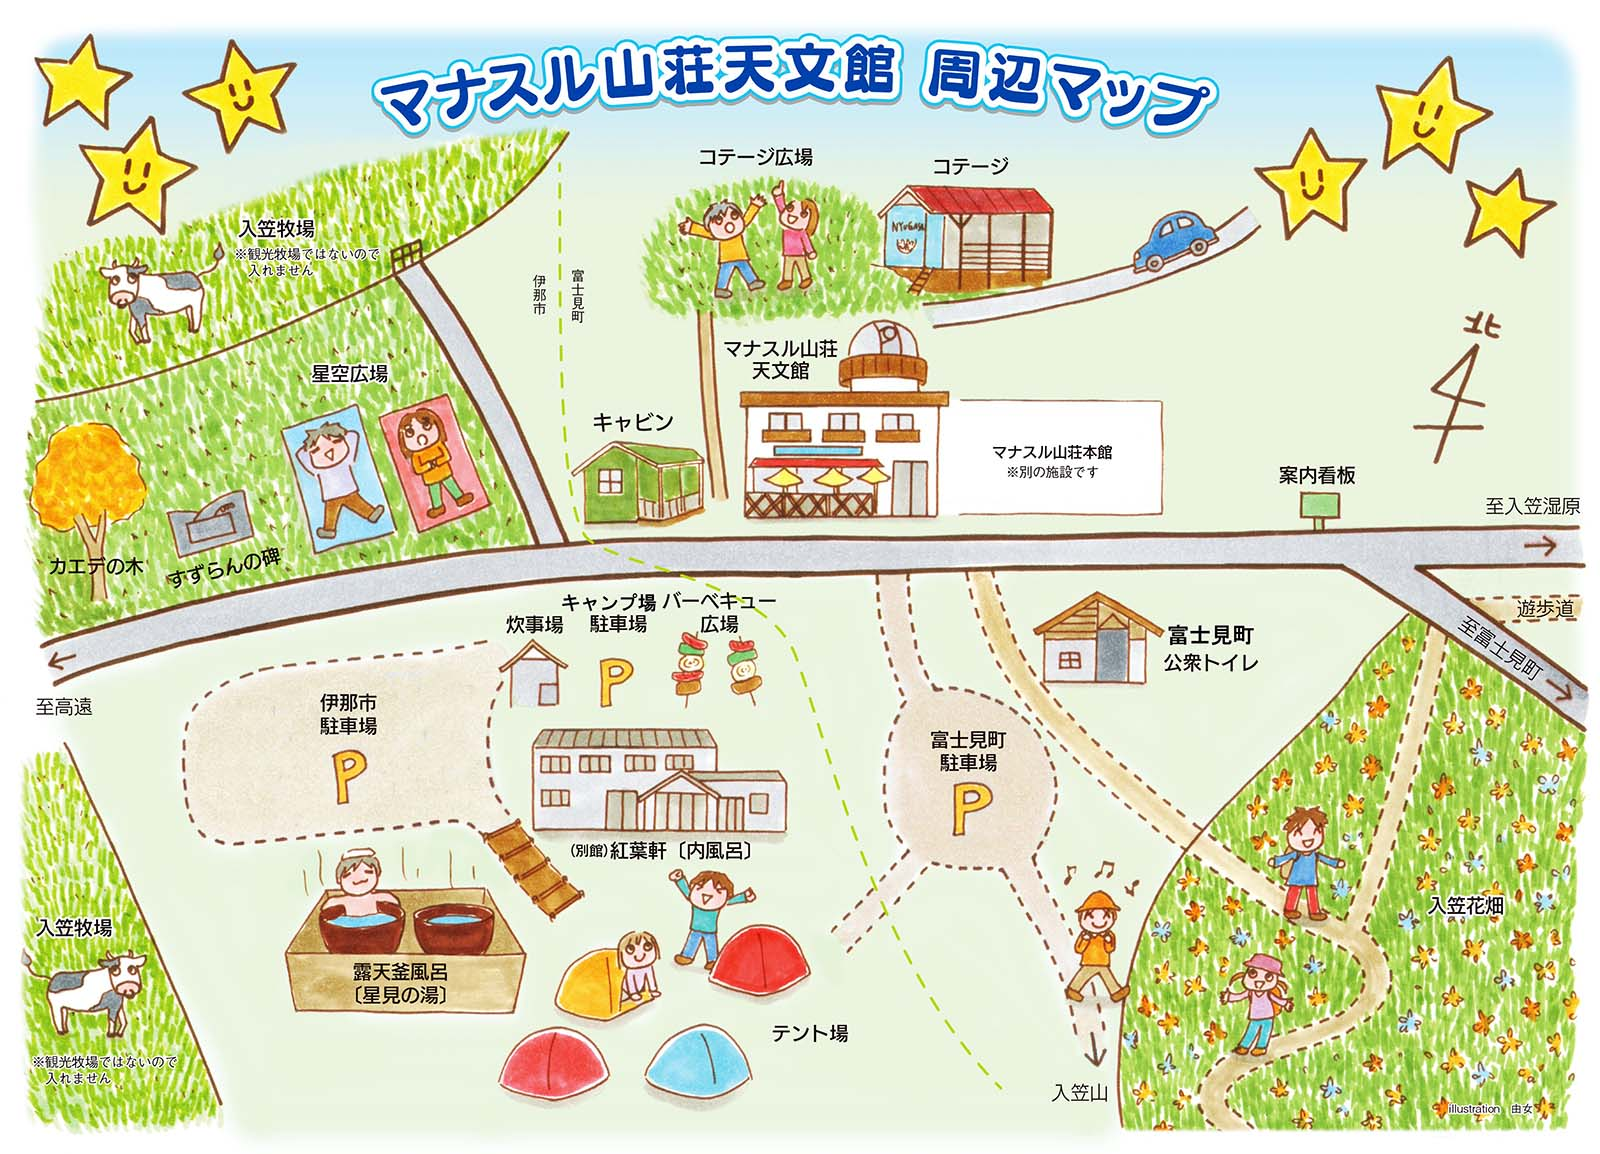 マナスル山荘天文館・周辺マップ